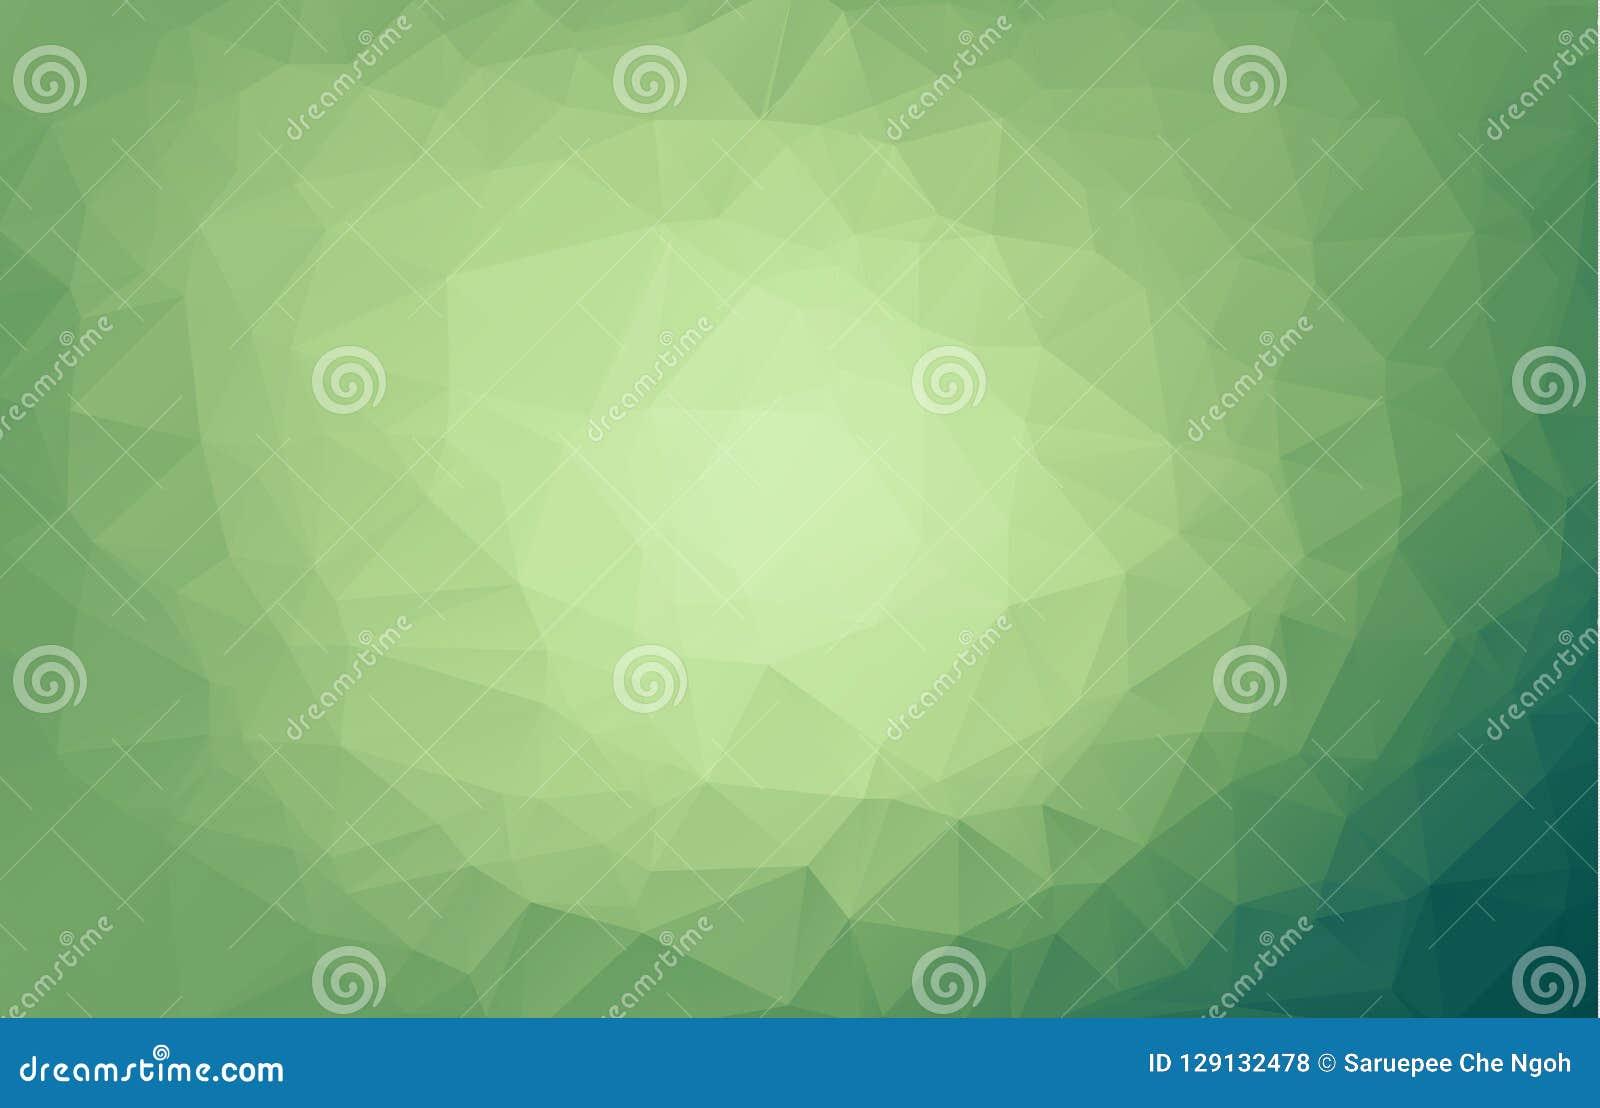 Ljus - oskarp triangelbakgrund för grön vektor En elegant ljus illustration med lutning En fullständigt ny design för din busi